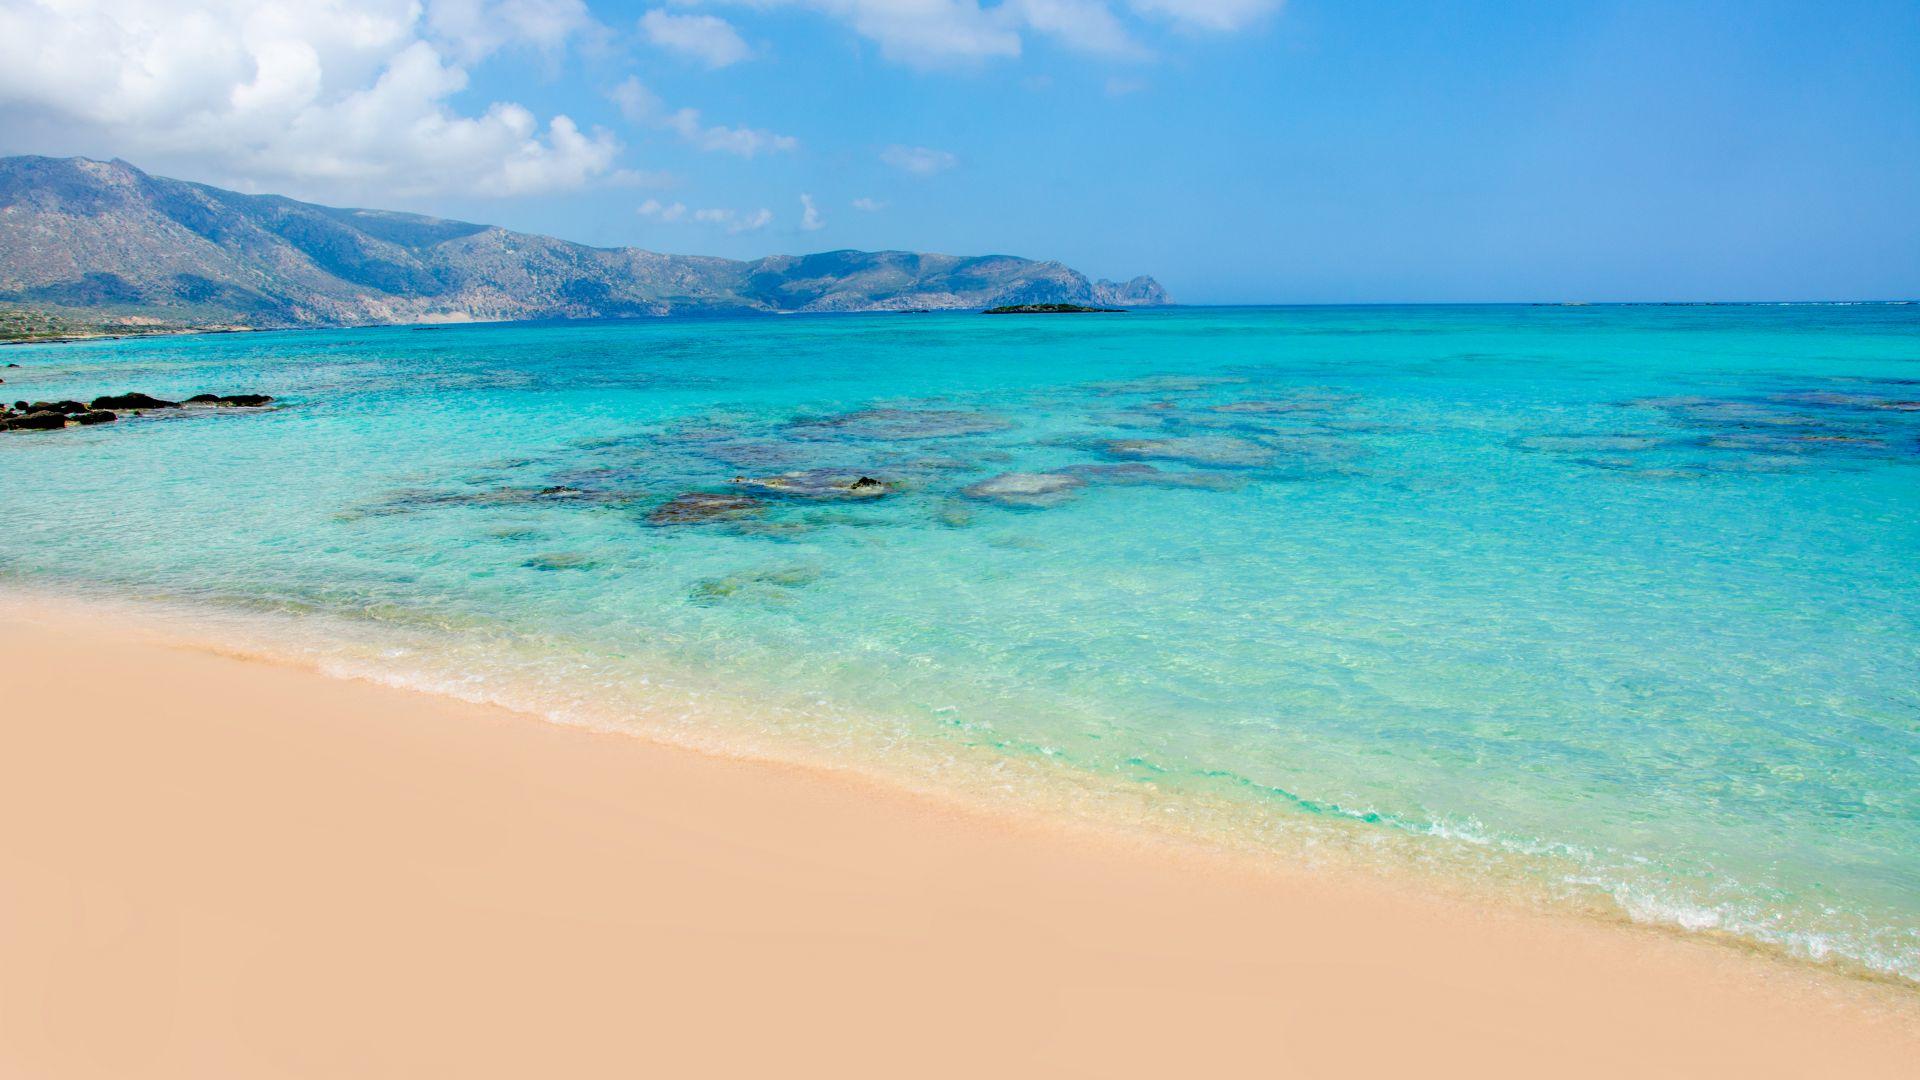 обои для рабочего стола берег пляжи № 598790 без смс